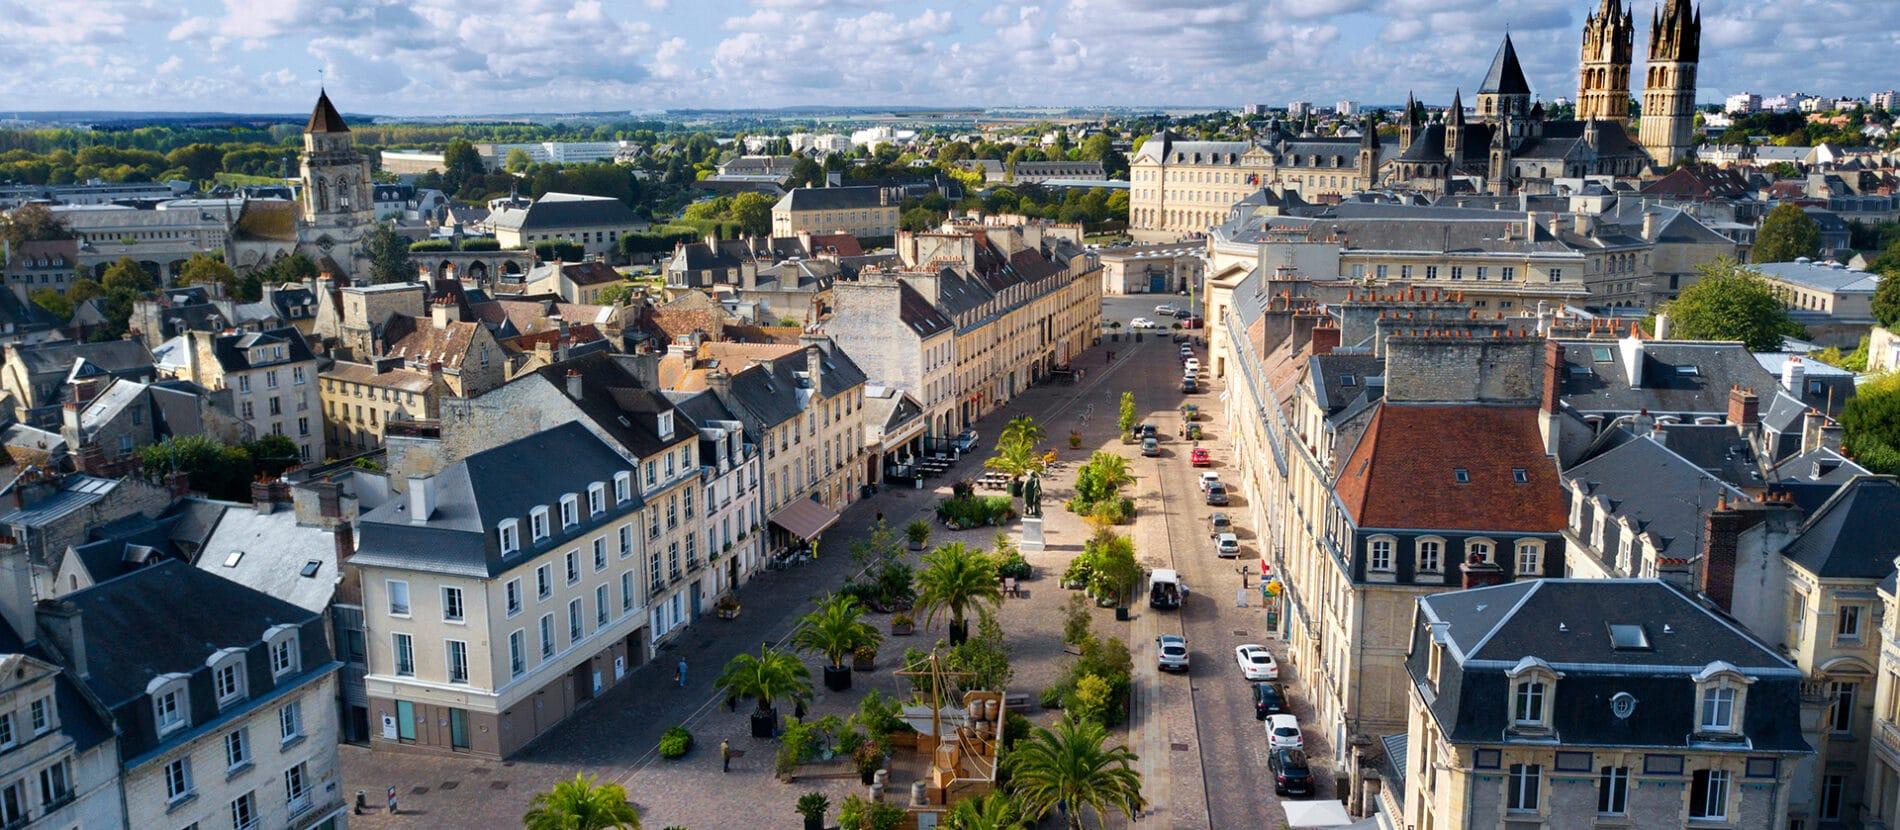 La place Saint Sauveur à Caen prise en drone